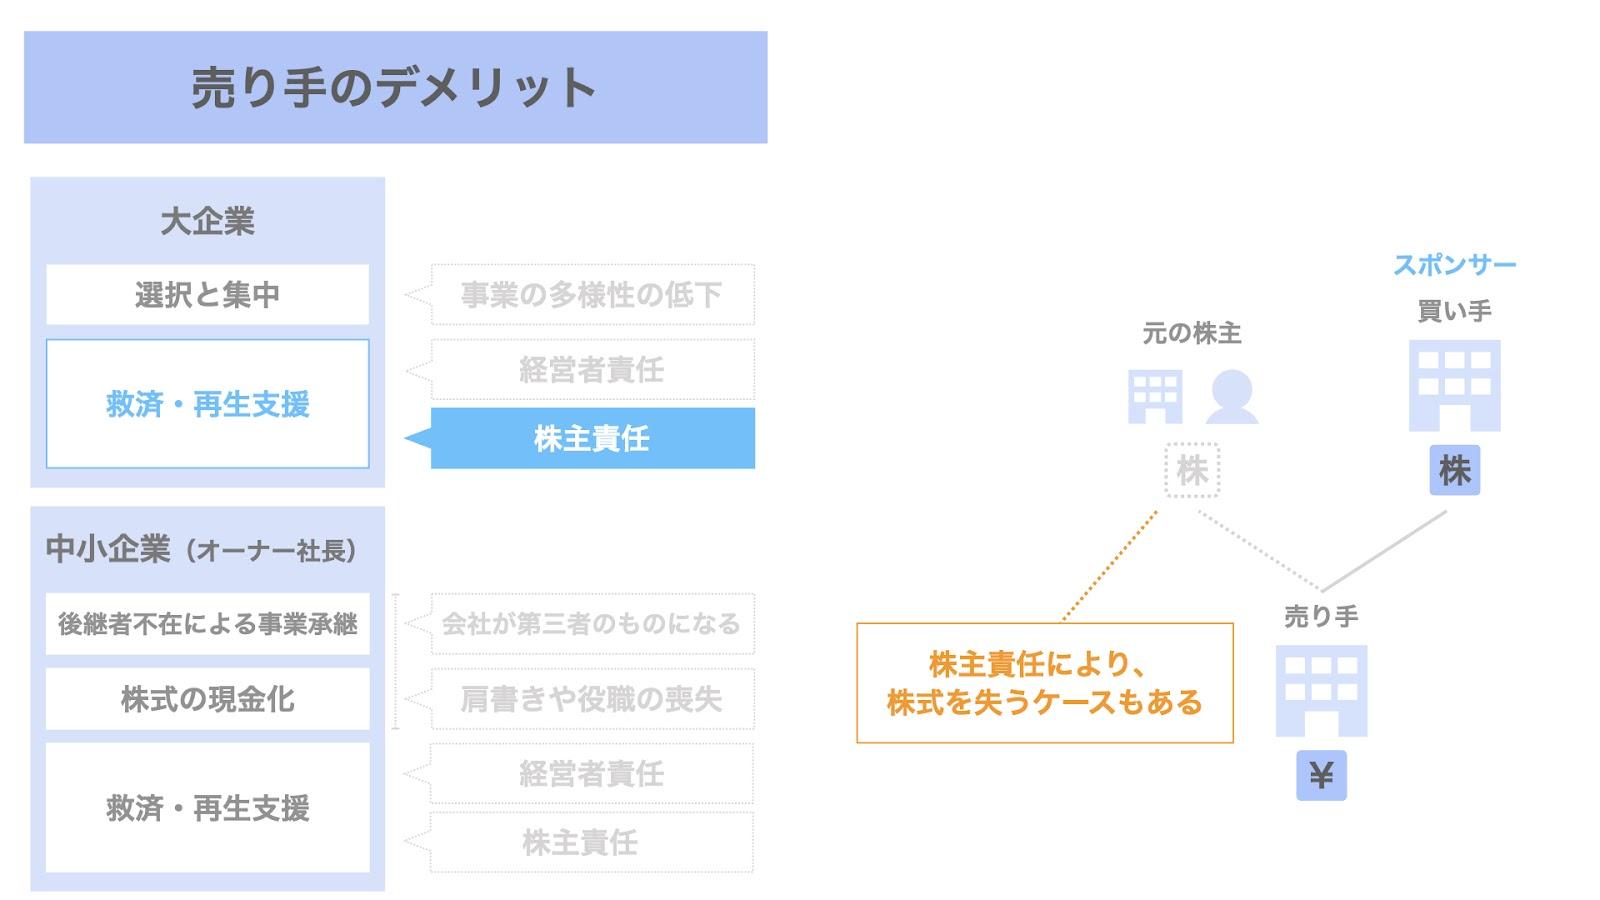 売り手(大企業)におけるM&Aのデメリット③ 救済・再生支援に伴う株主責任